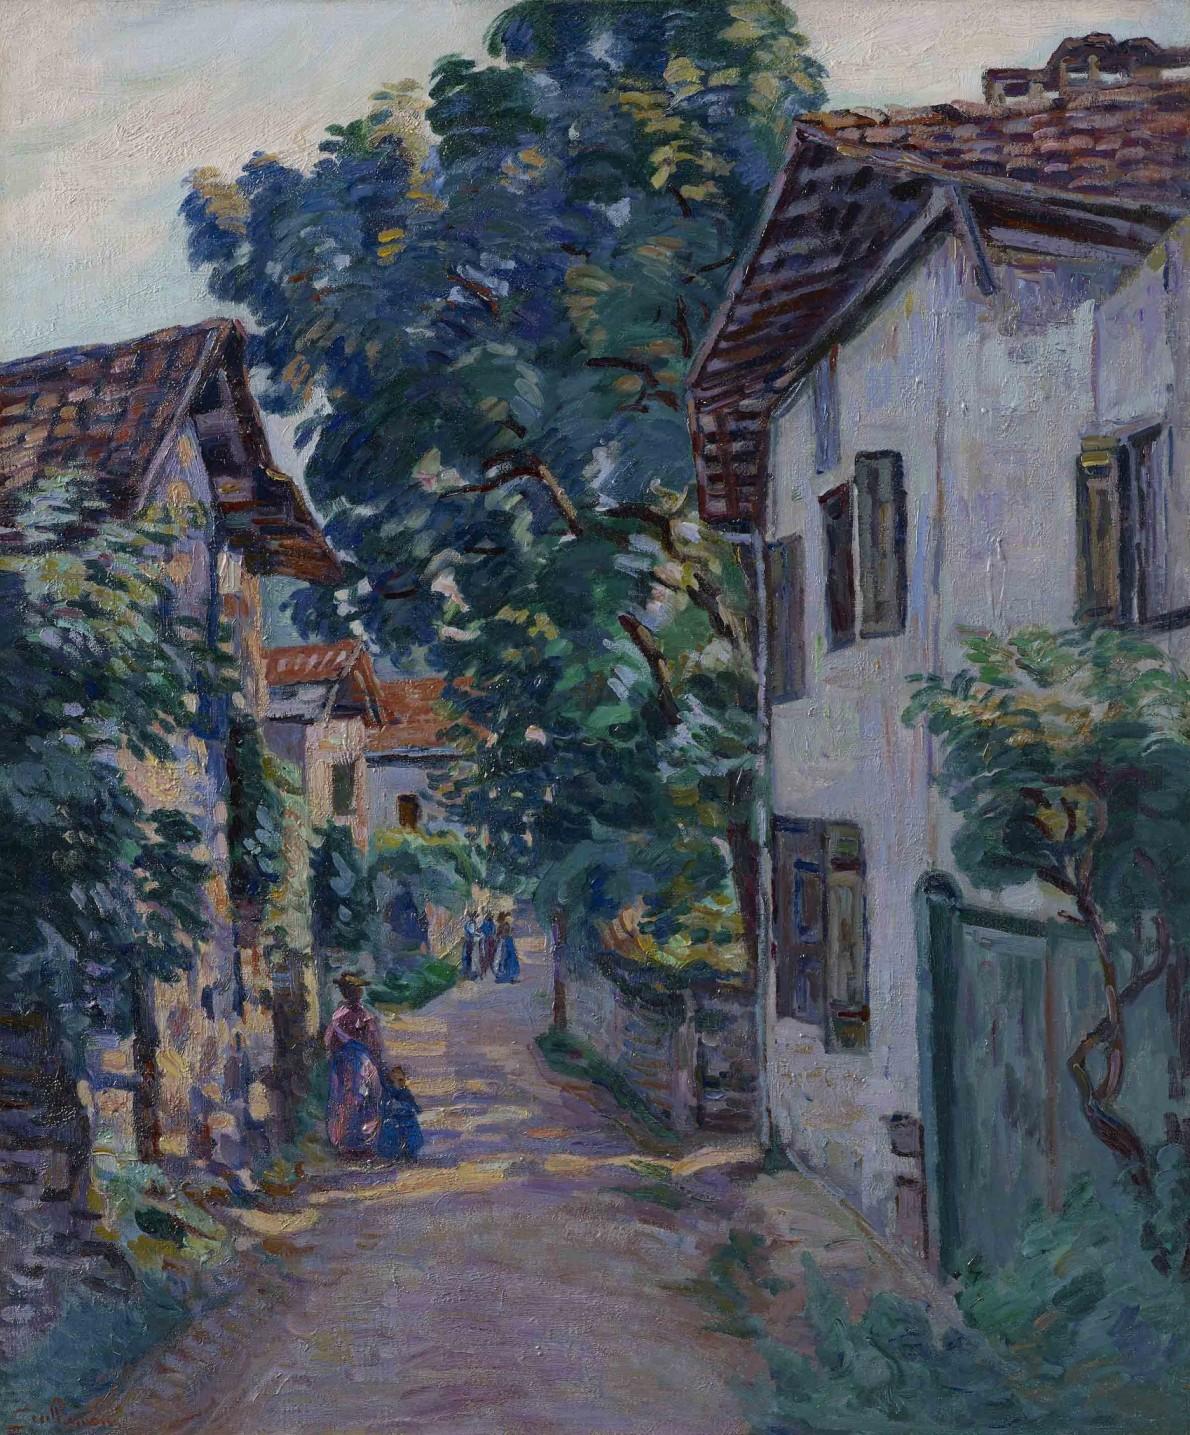 Jean Baptiste Armand Guillaumin, Une rue à Epinay sur Orge, c.1885